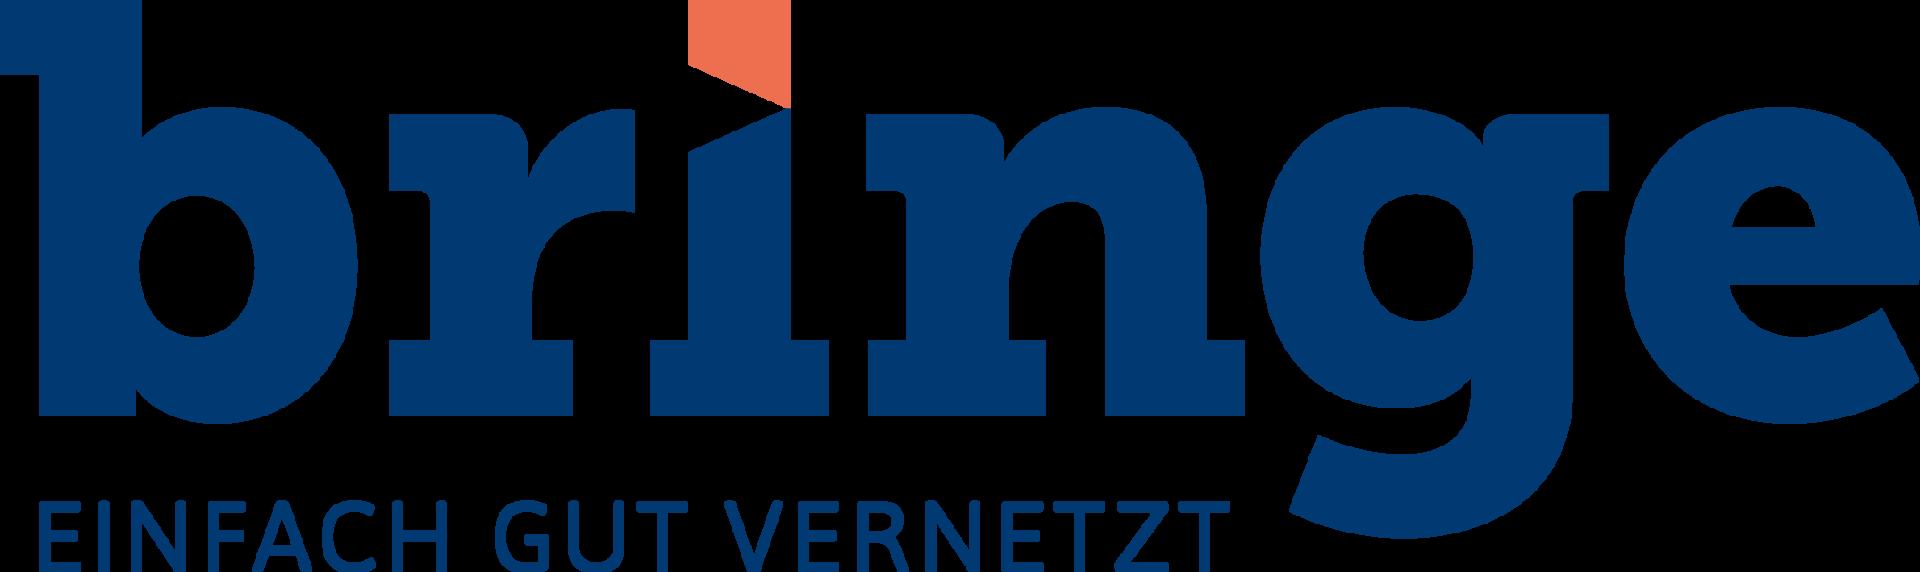 Bringe Informationstechnik GmbH